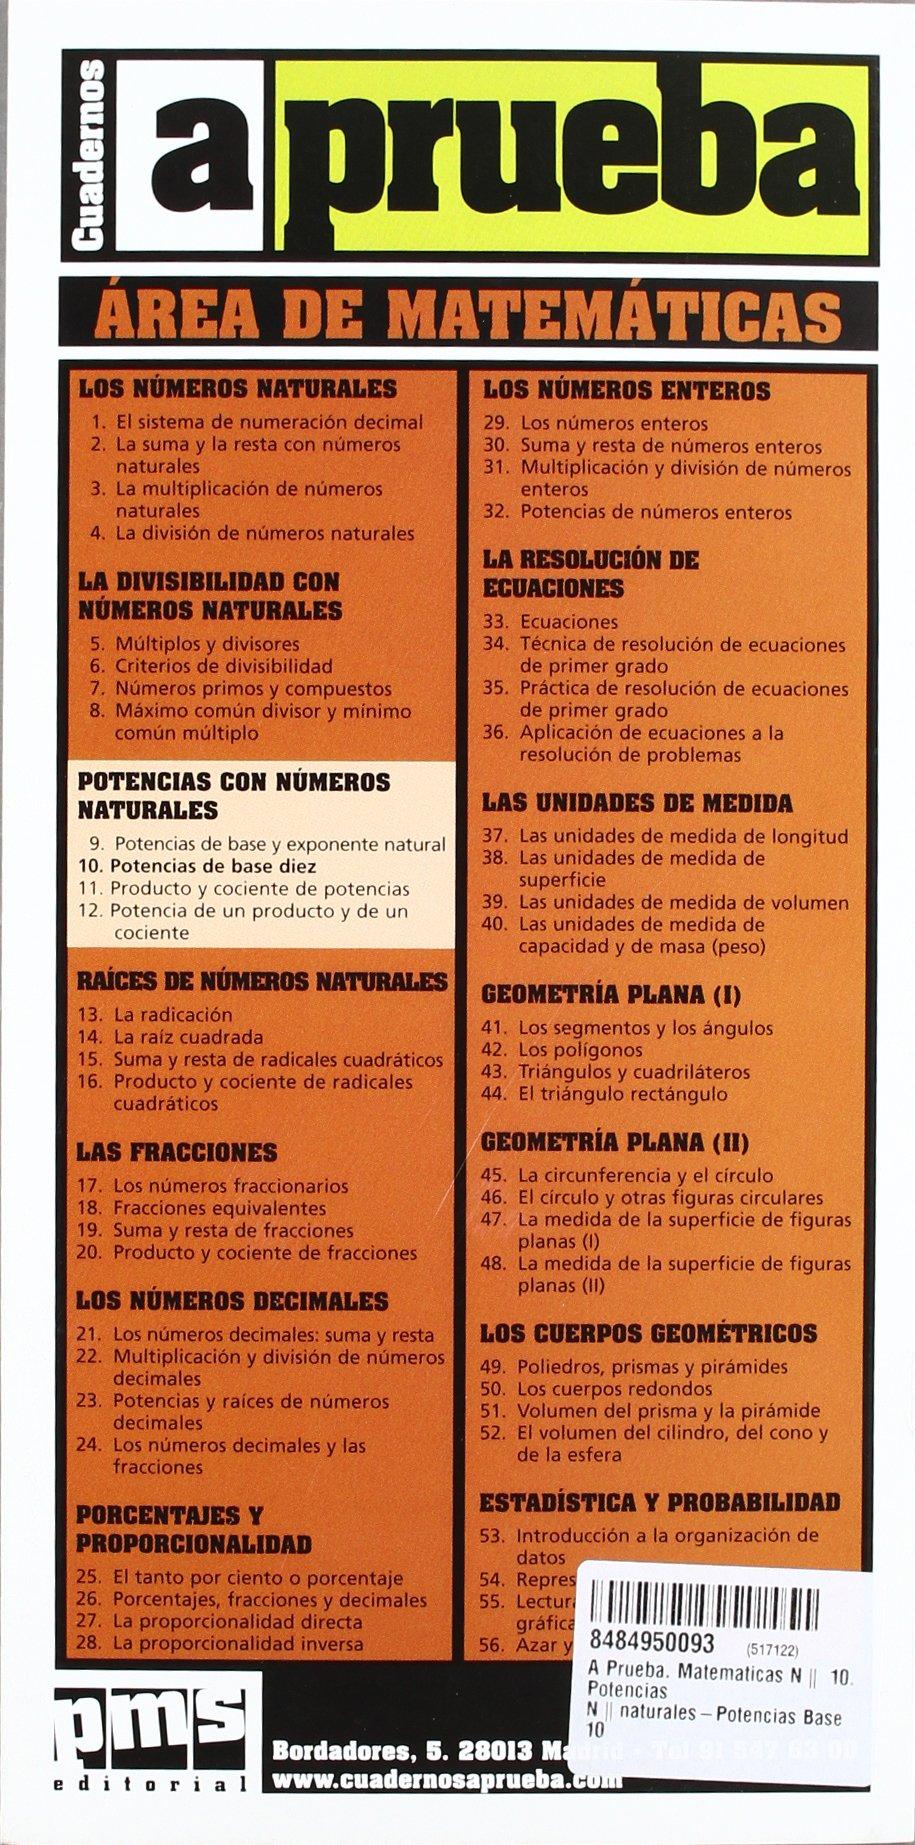 A Prueba. Matematicas Nº 10. Potencias Nºnaturales-Potencias Base 10: Amazon.es: Libros en idiomas extranjeros